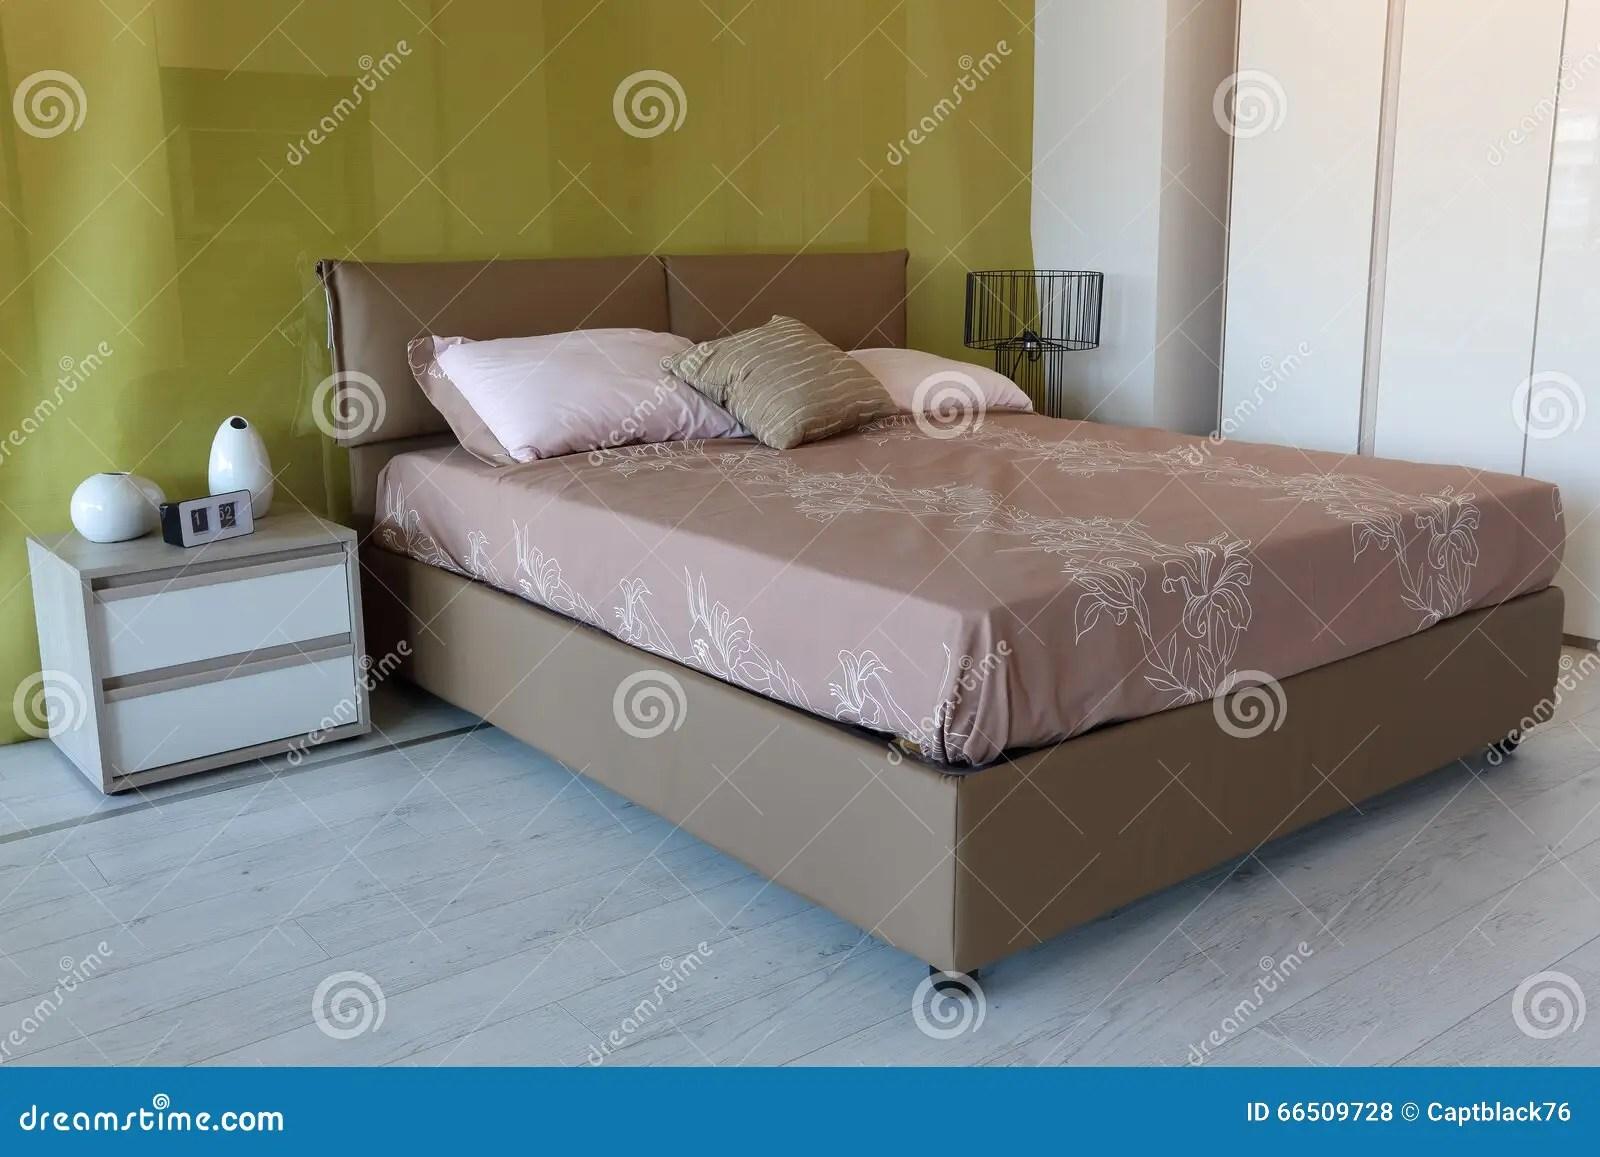 Sofa Dreams Conforama   Fabulous D Duune Chambre Coucher Pour La ...